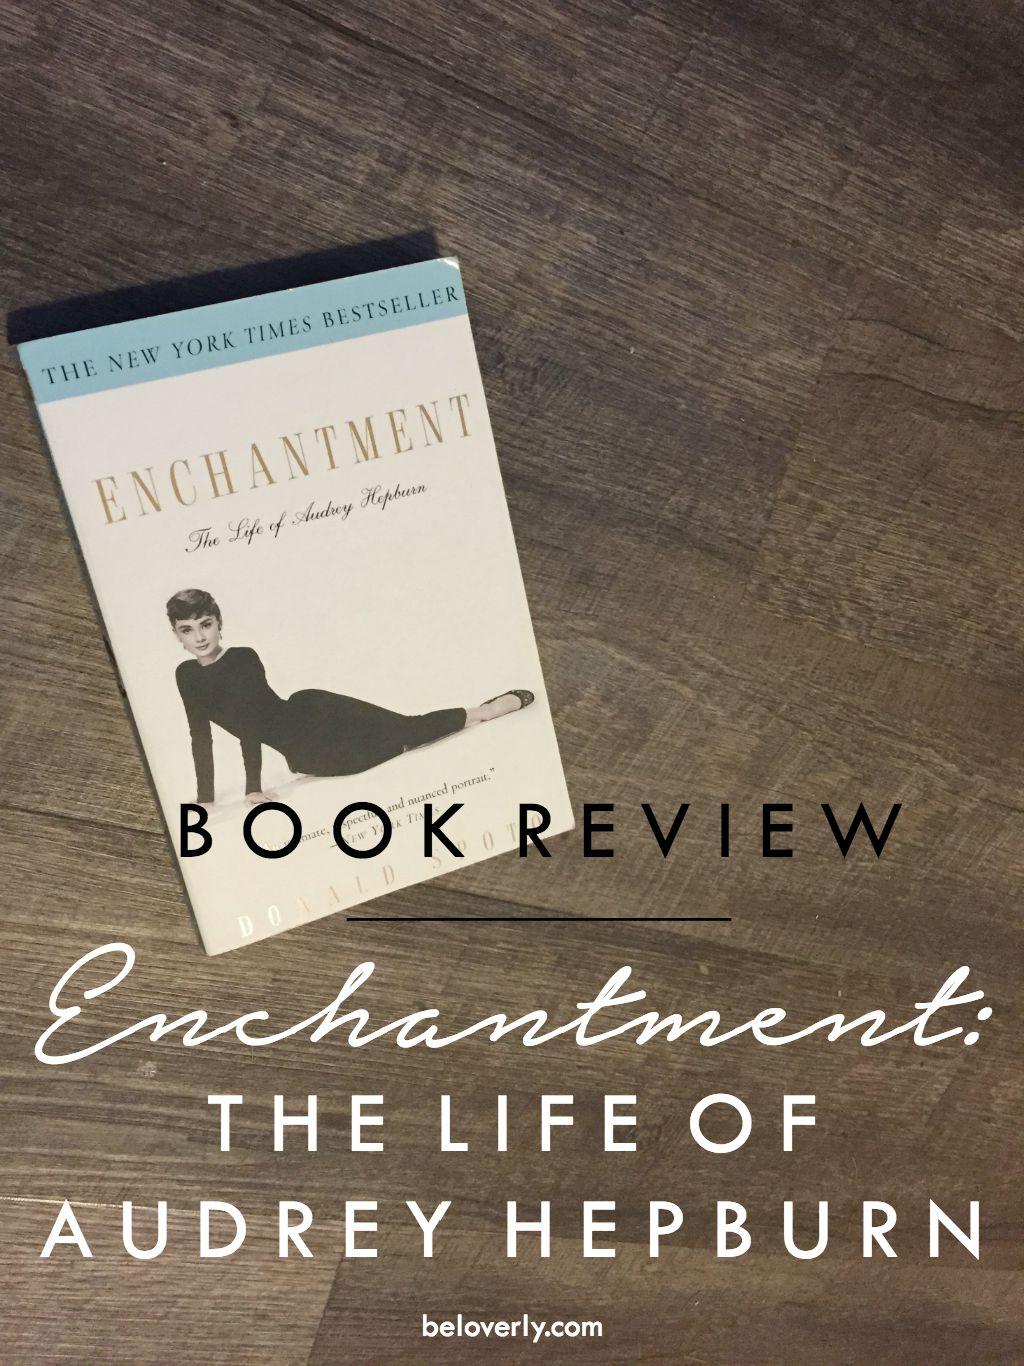 enchantmentlifeofaudreyhepburnreview